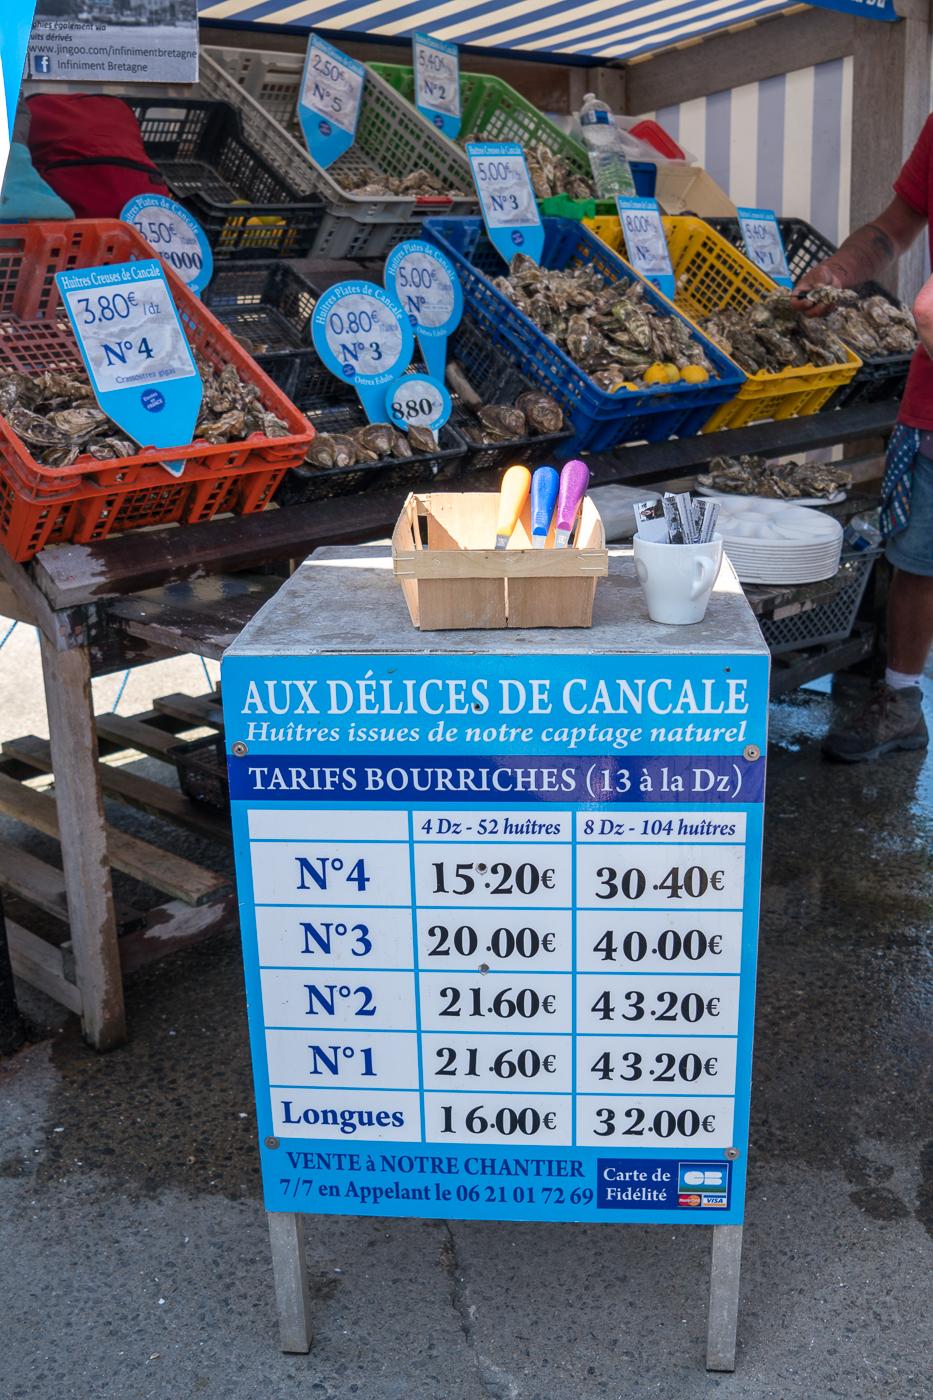 Aux délices de Cancale du marché aux huîtres